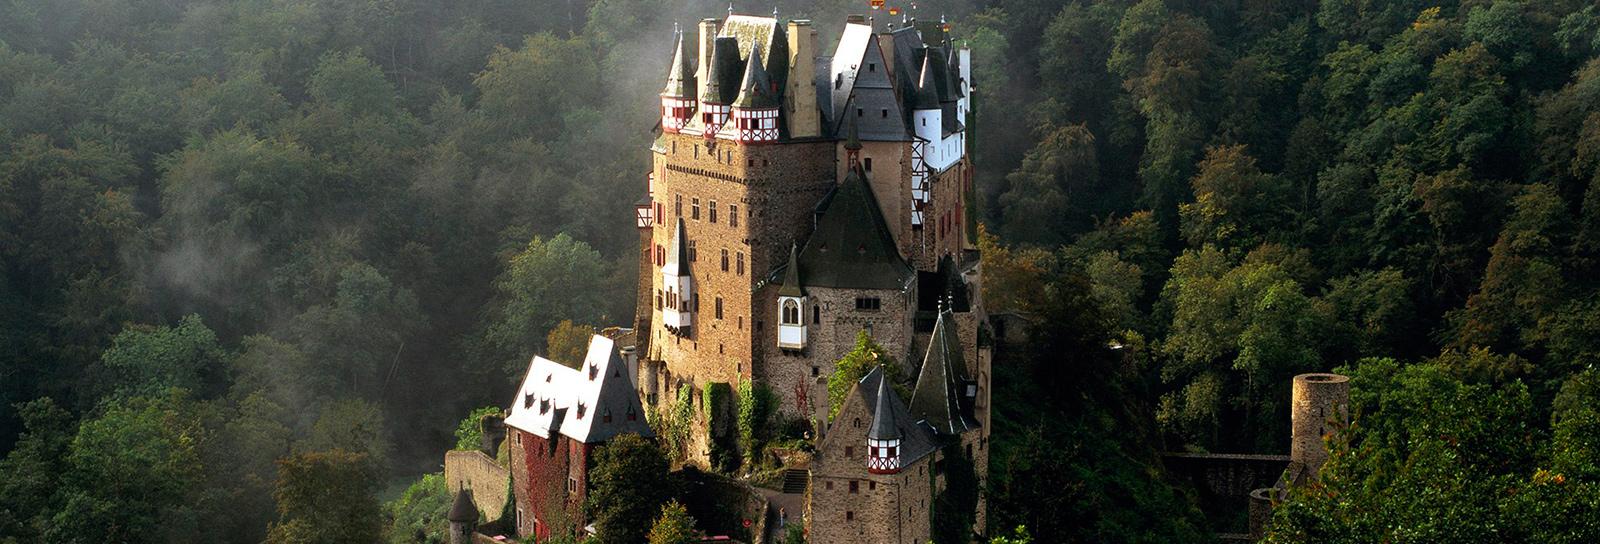 5 castelos mal assombrados ao redor do mundo